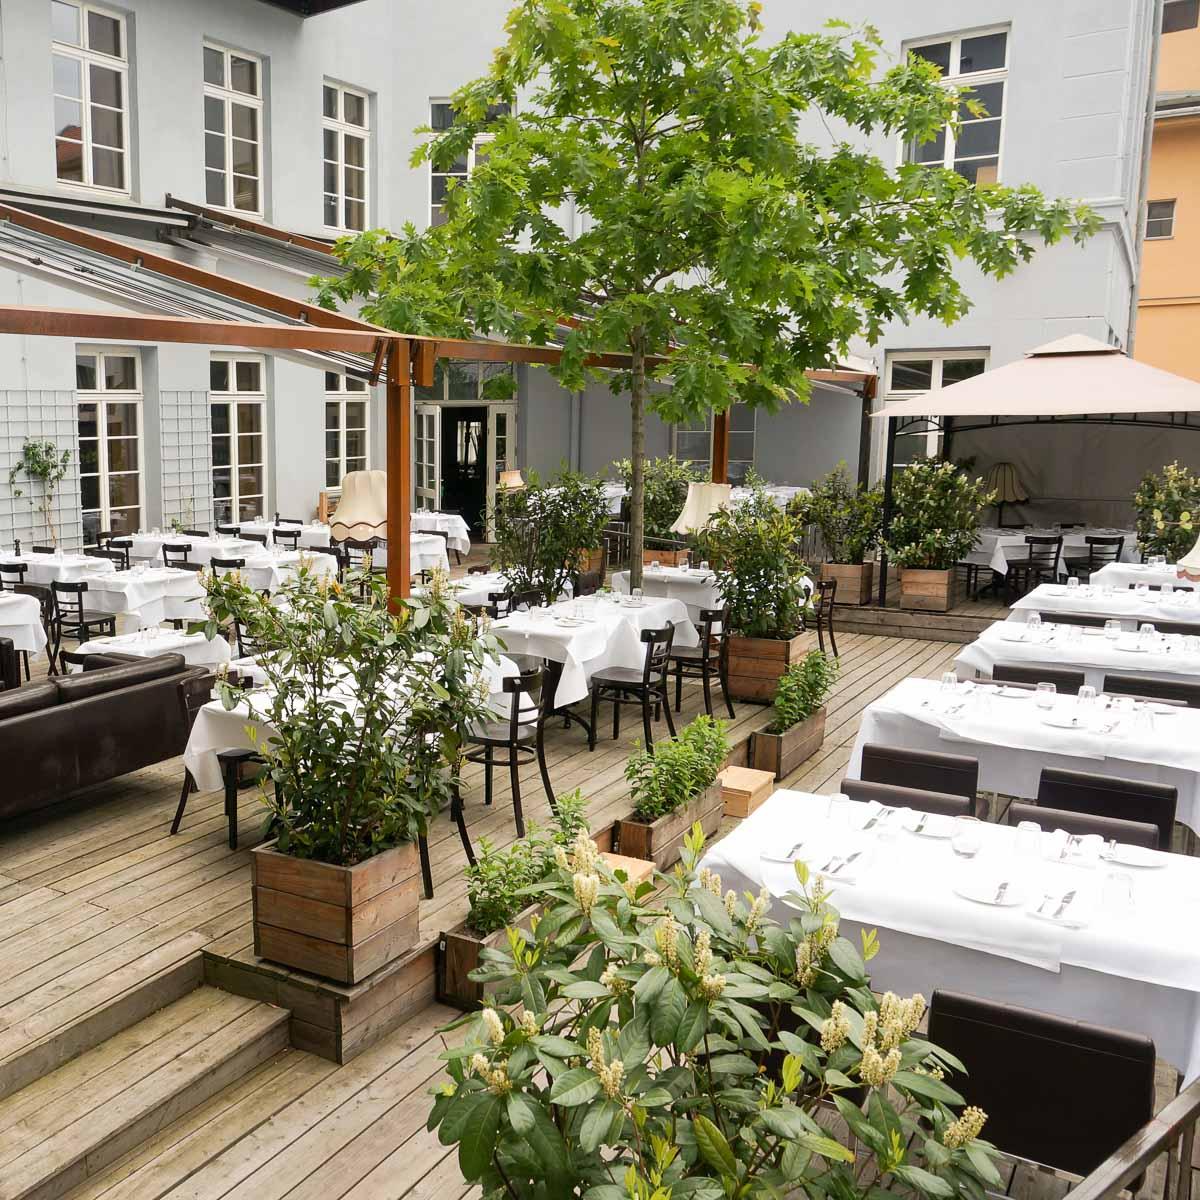 The Grand Terrasse in Berlin-Mitte